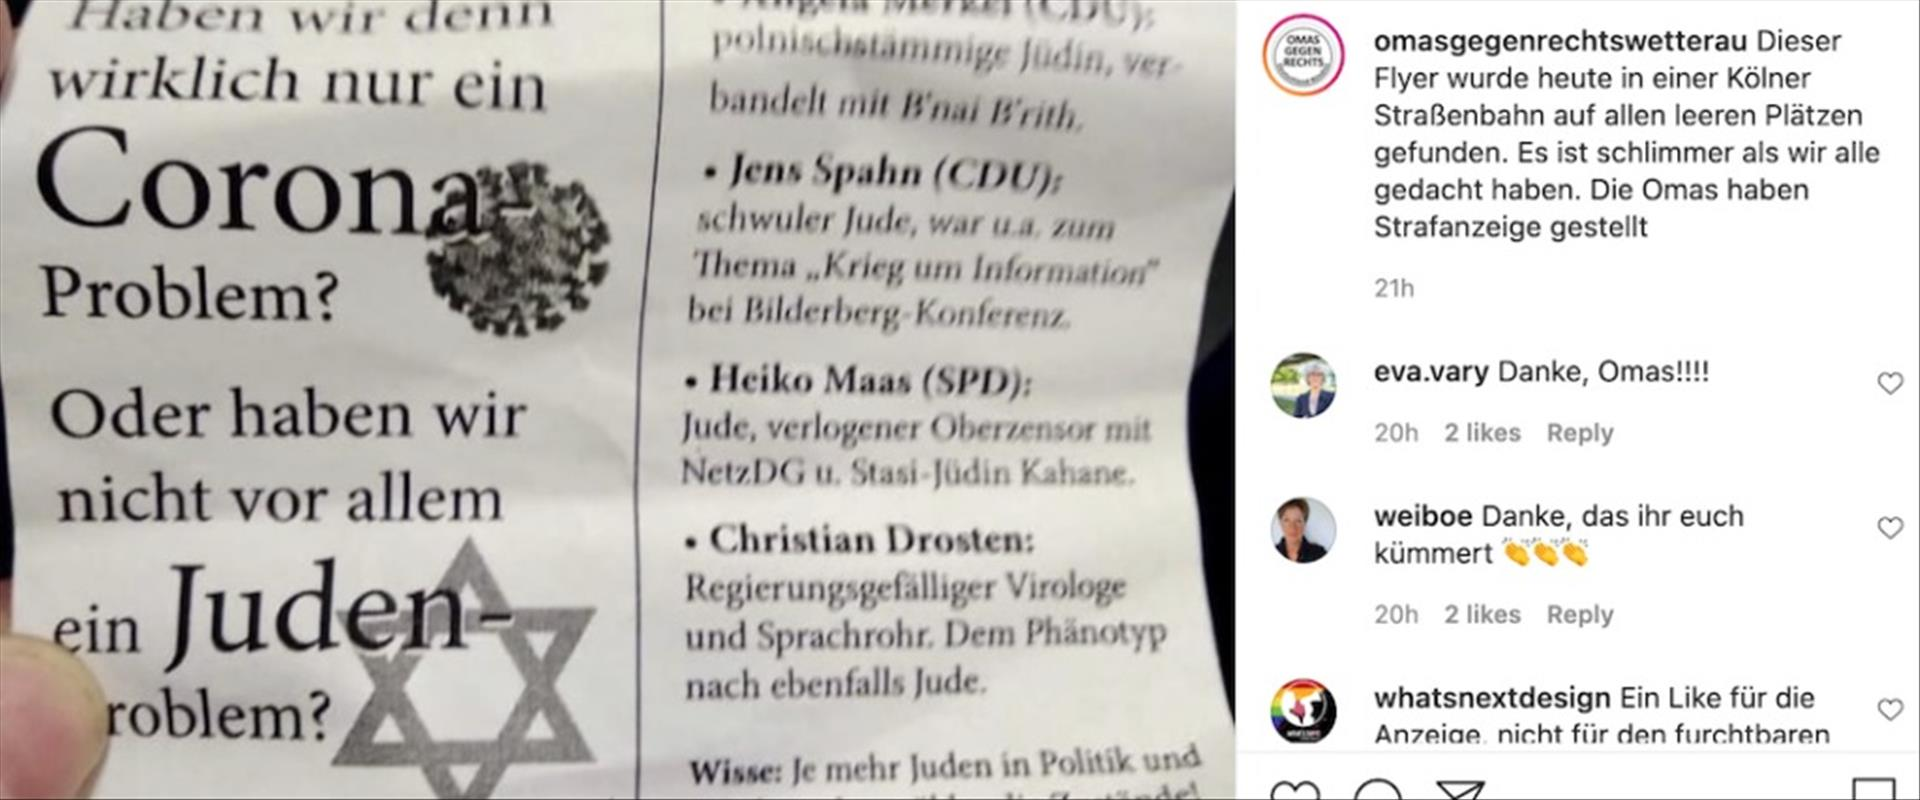 העלונים שחולקו בגרמניה